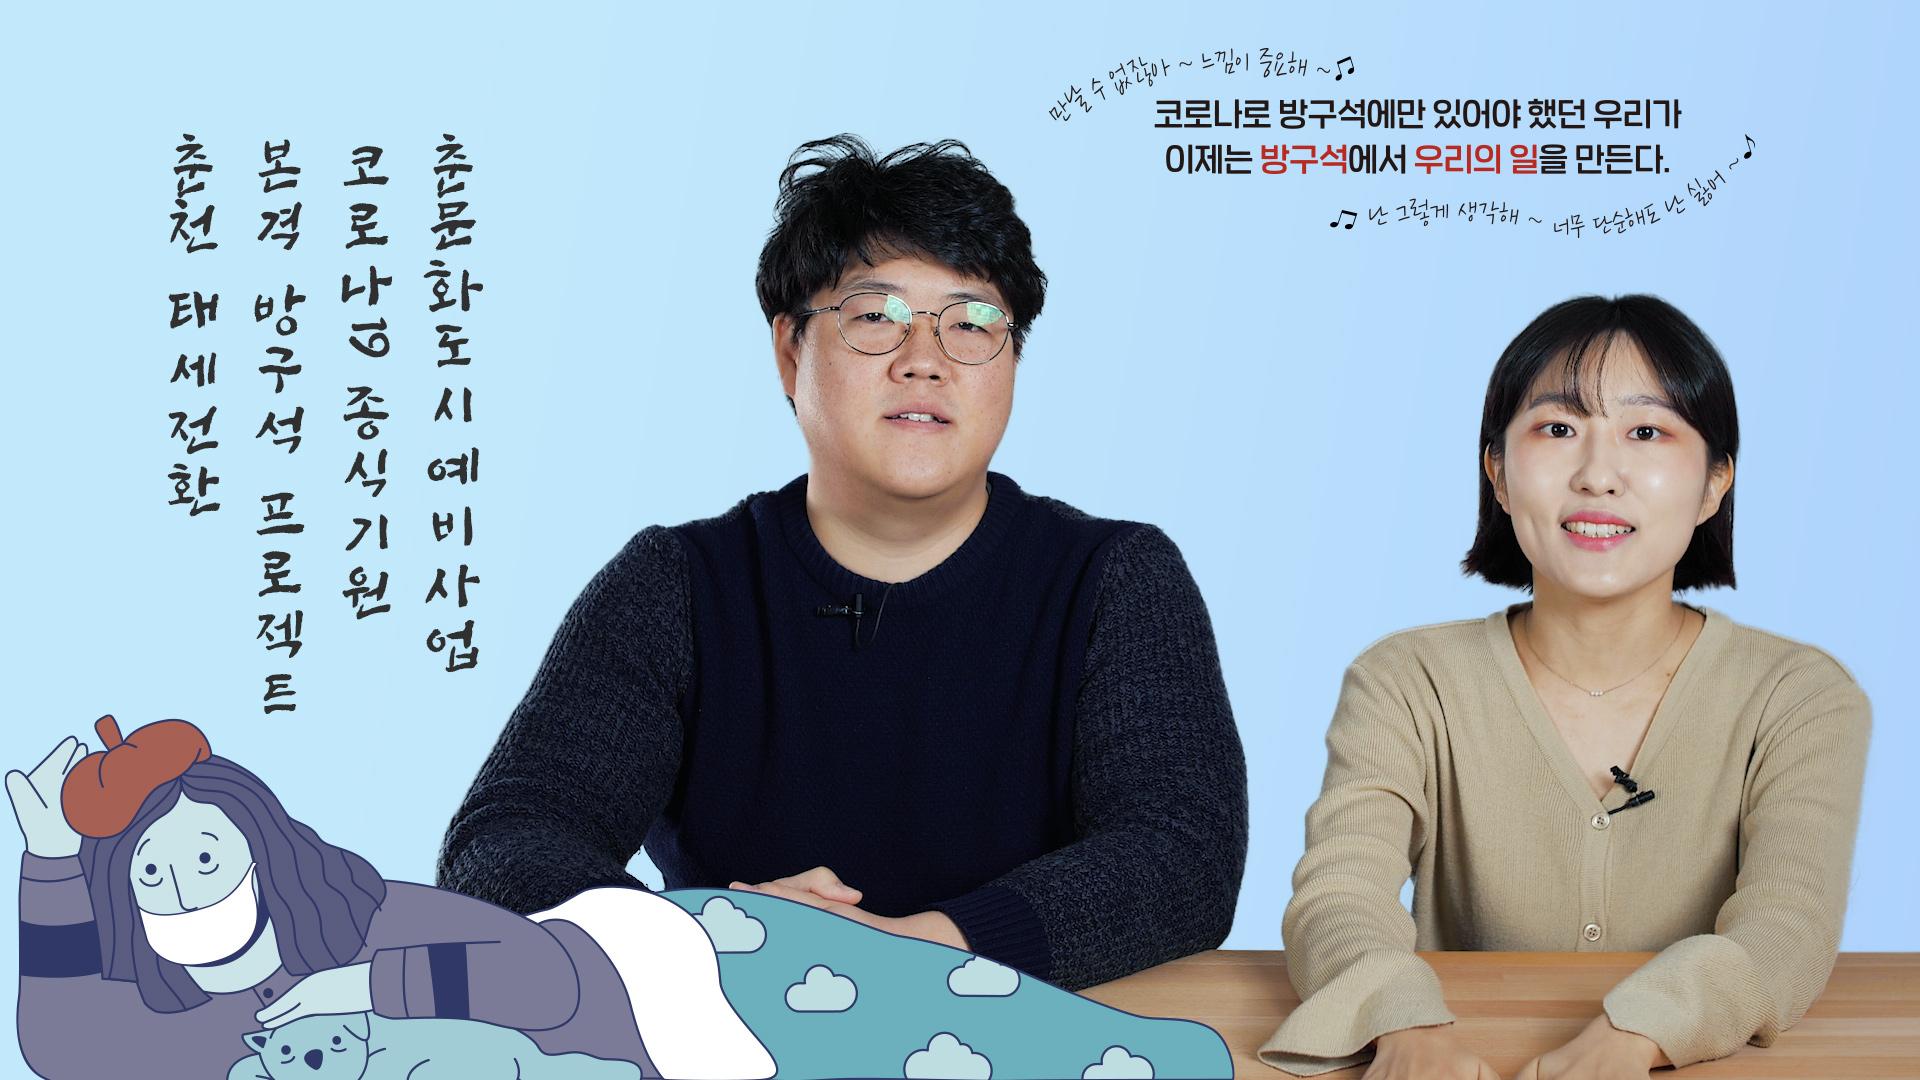 코로나19 종식기원 '방구석 ○○○' 지원사업